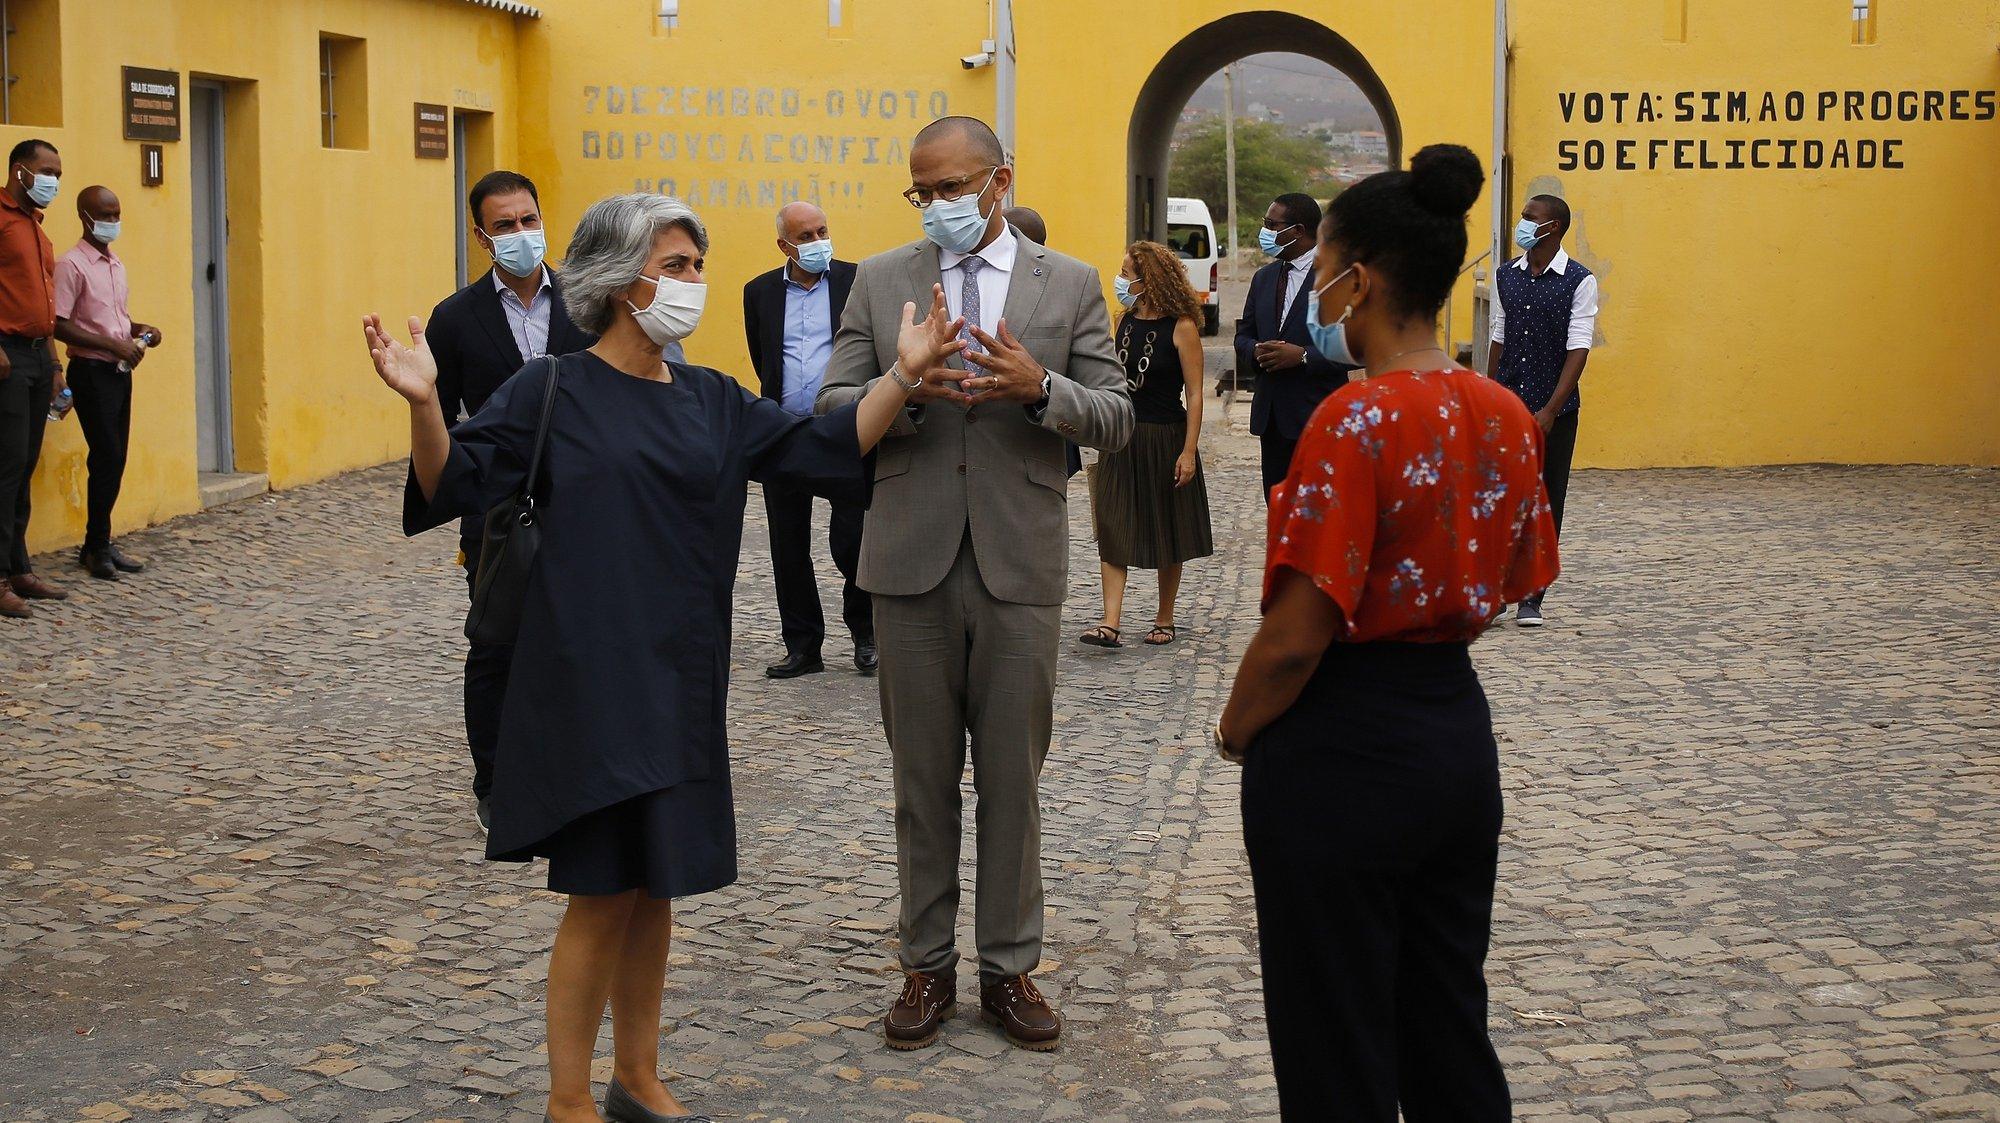 A ministra da Cultura de Portugal, Graça Fonseca (E) e o ministro da Cultura e das Indústrias Criativas de Cabo Verde, Abraão Vicente (C), durante a visita ao Museu do Tarrafal e Assinatura do Memorando de Entendimento bilateral para cooperação técnica na candidatura cabo-verdiana à UNESCO, Museu do Tarrafal, em Cabo Verde, 06 de julho de 2021. FERNANDO DE PINA / LUSA